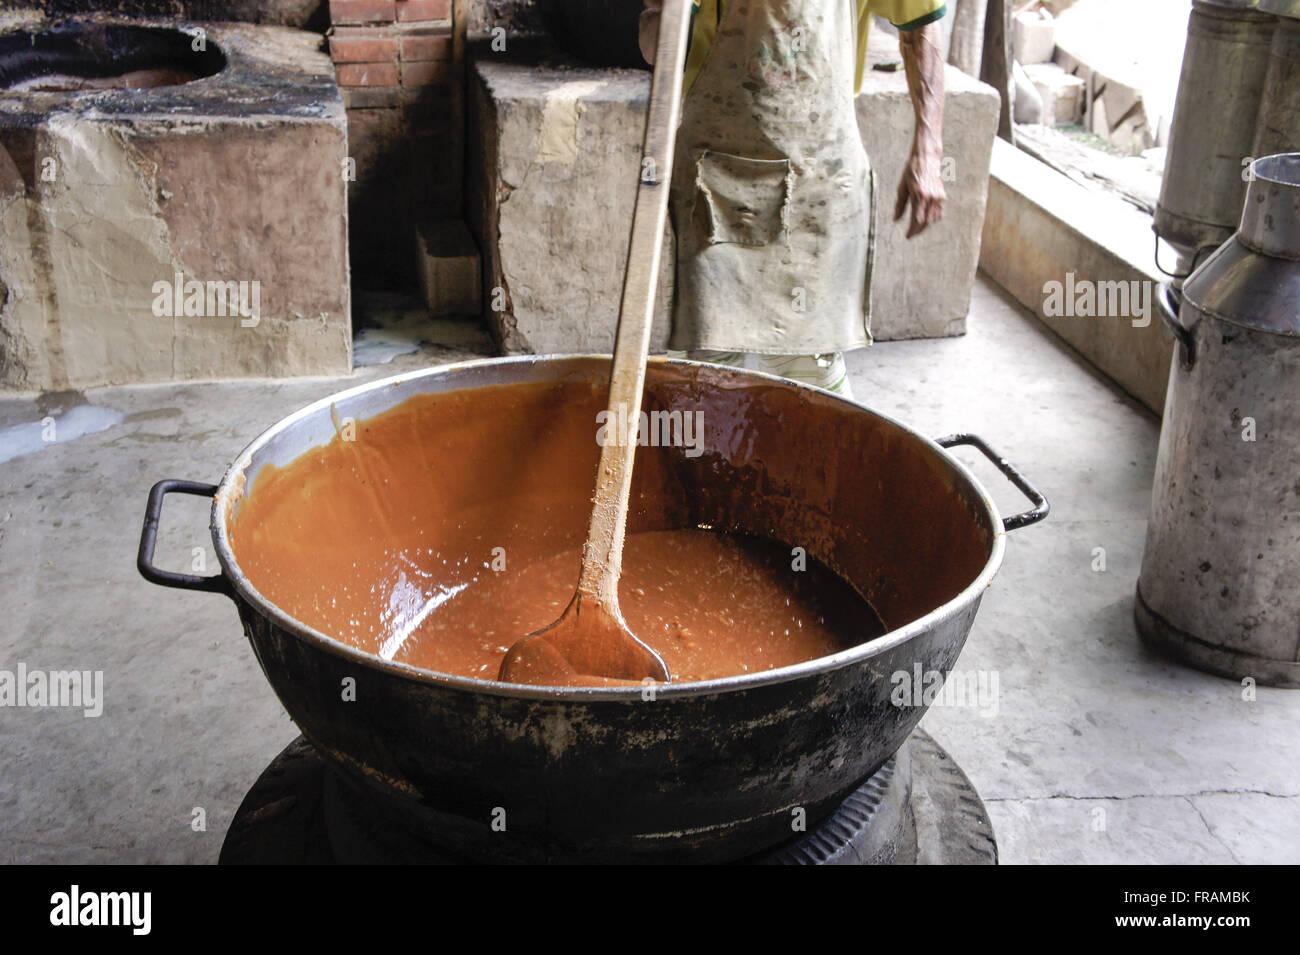 Herstellung von hausgemachten Frischmilch Stockbild